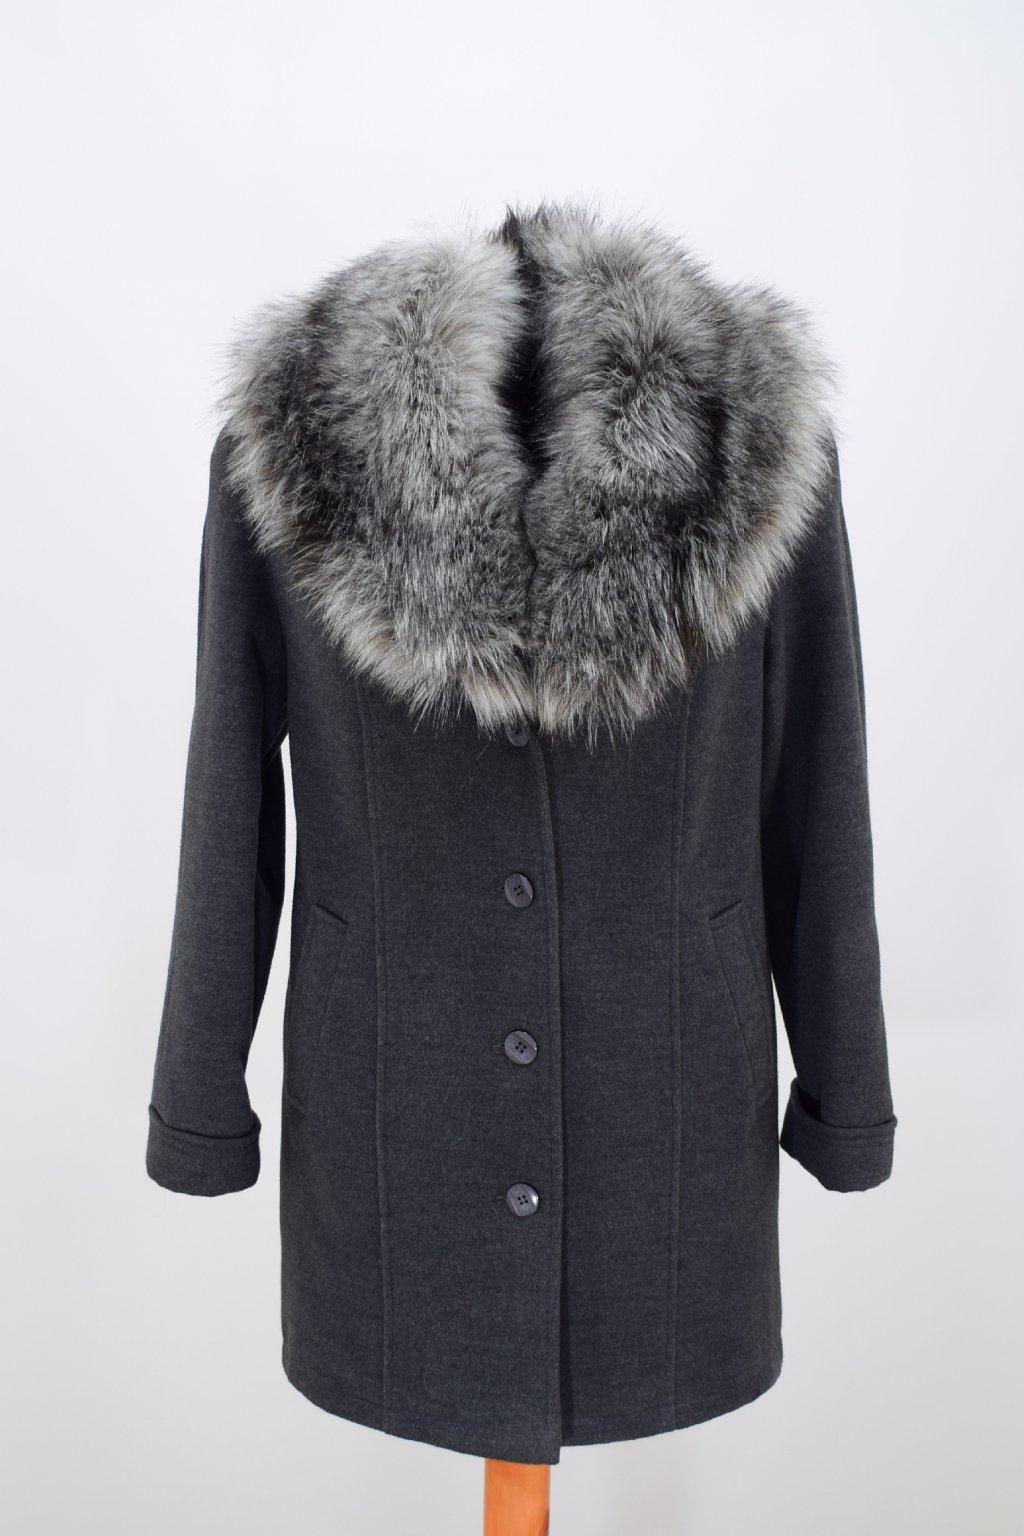 Dámský zimní šedý kabát Táňa nadměrné velikosti.